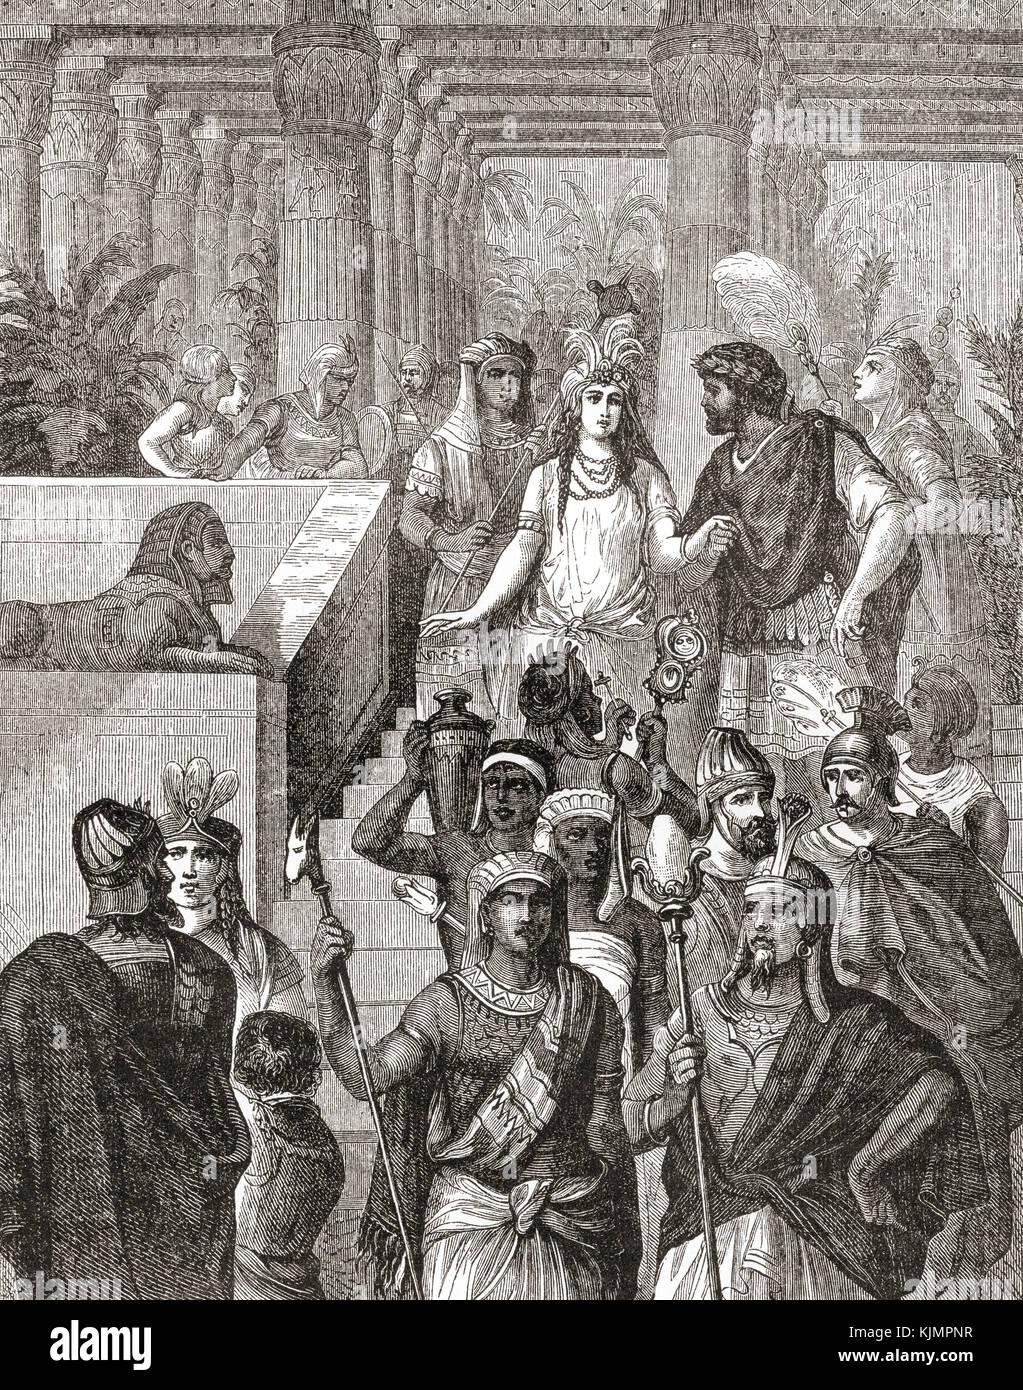 Antonio y Cleopatra en Egipto. cleopatra vii philopator, 69 - 30 A.C., aka cleopatra. active último gobernante del Foto de stock